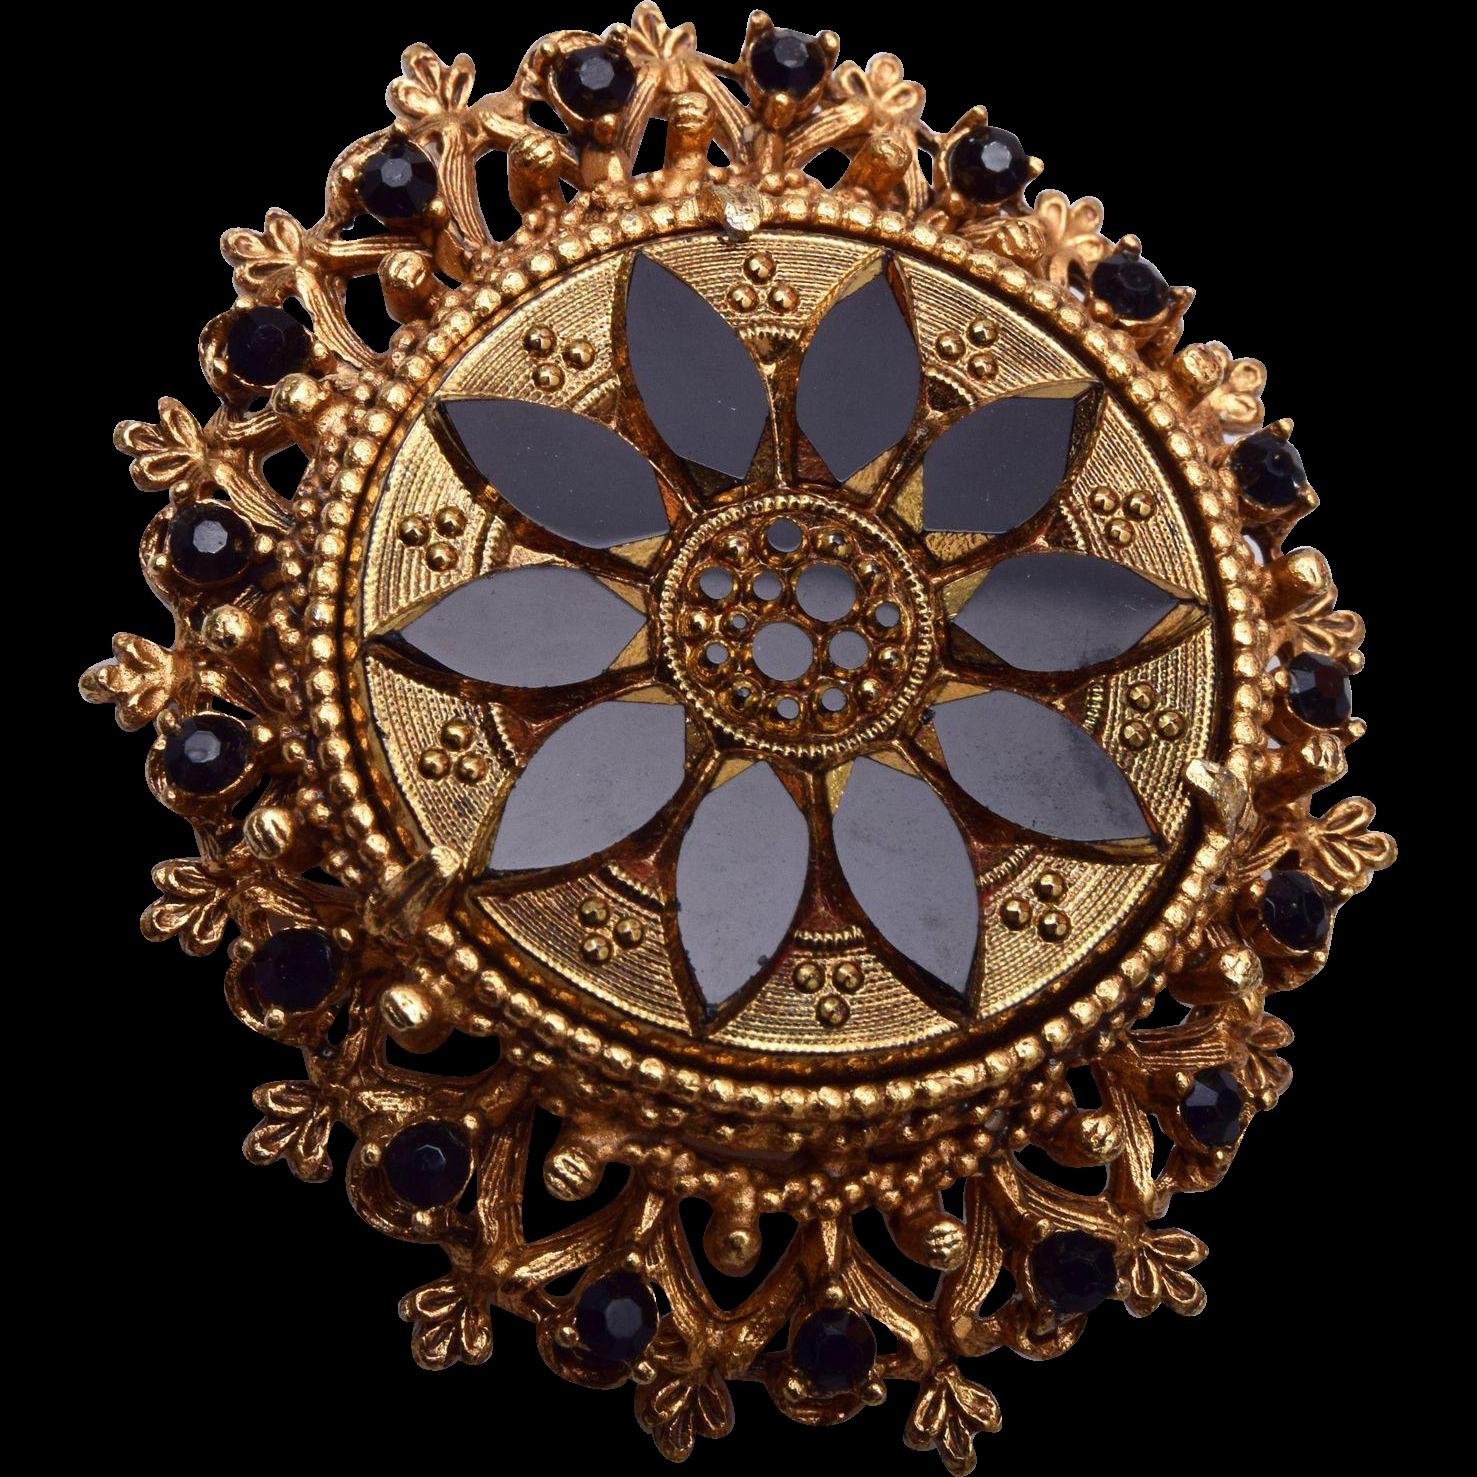 Florenza Black Molded Glass Brooch